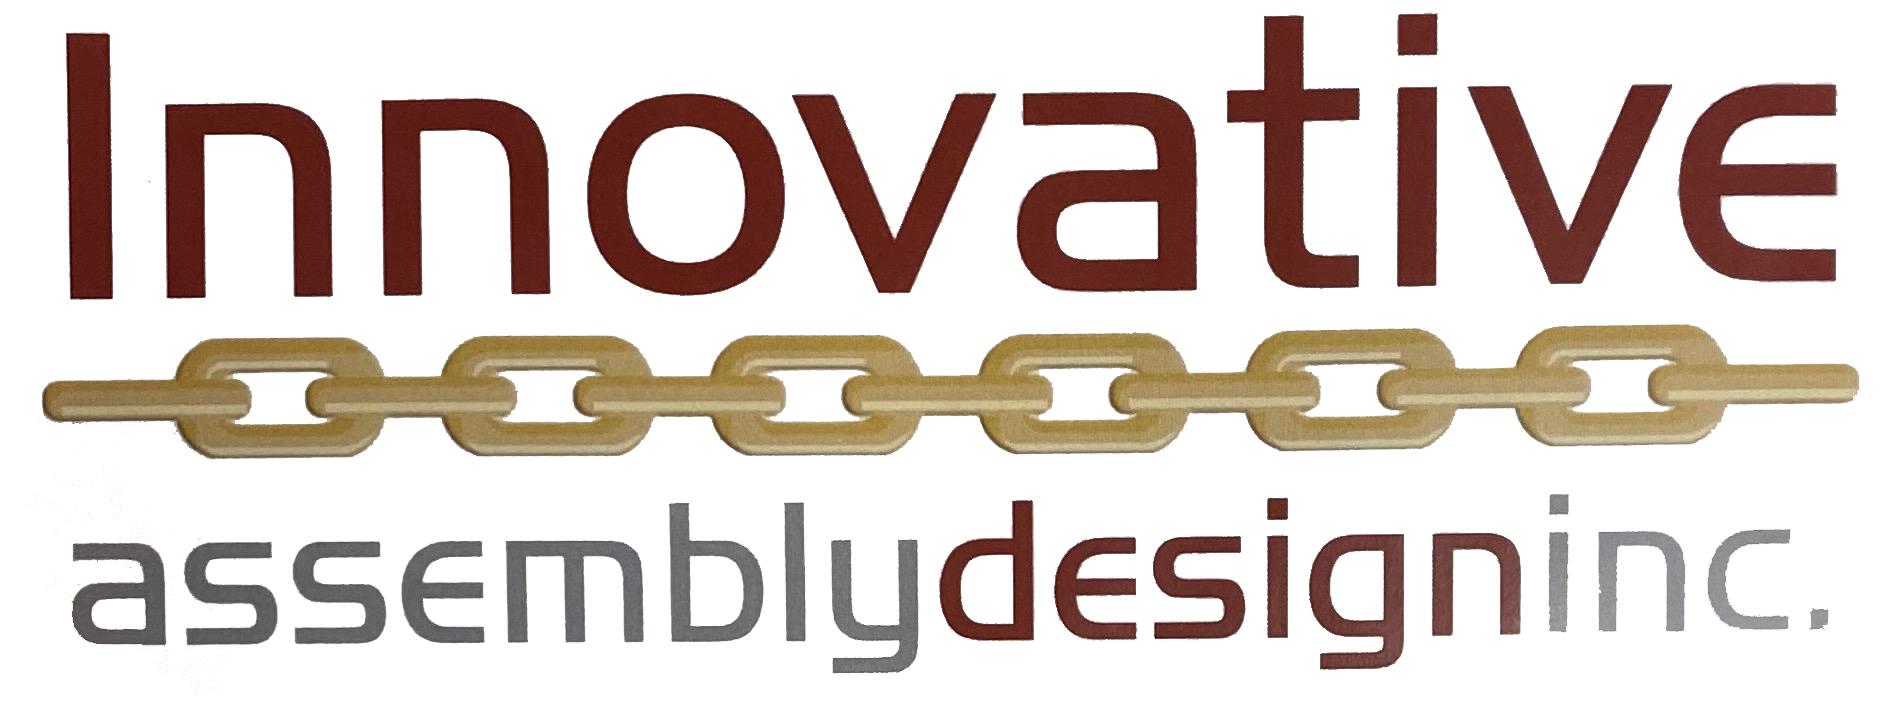 Innovative Assembly Design